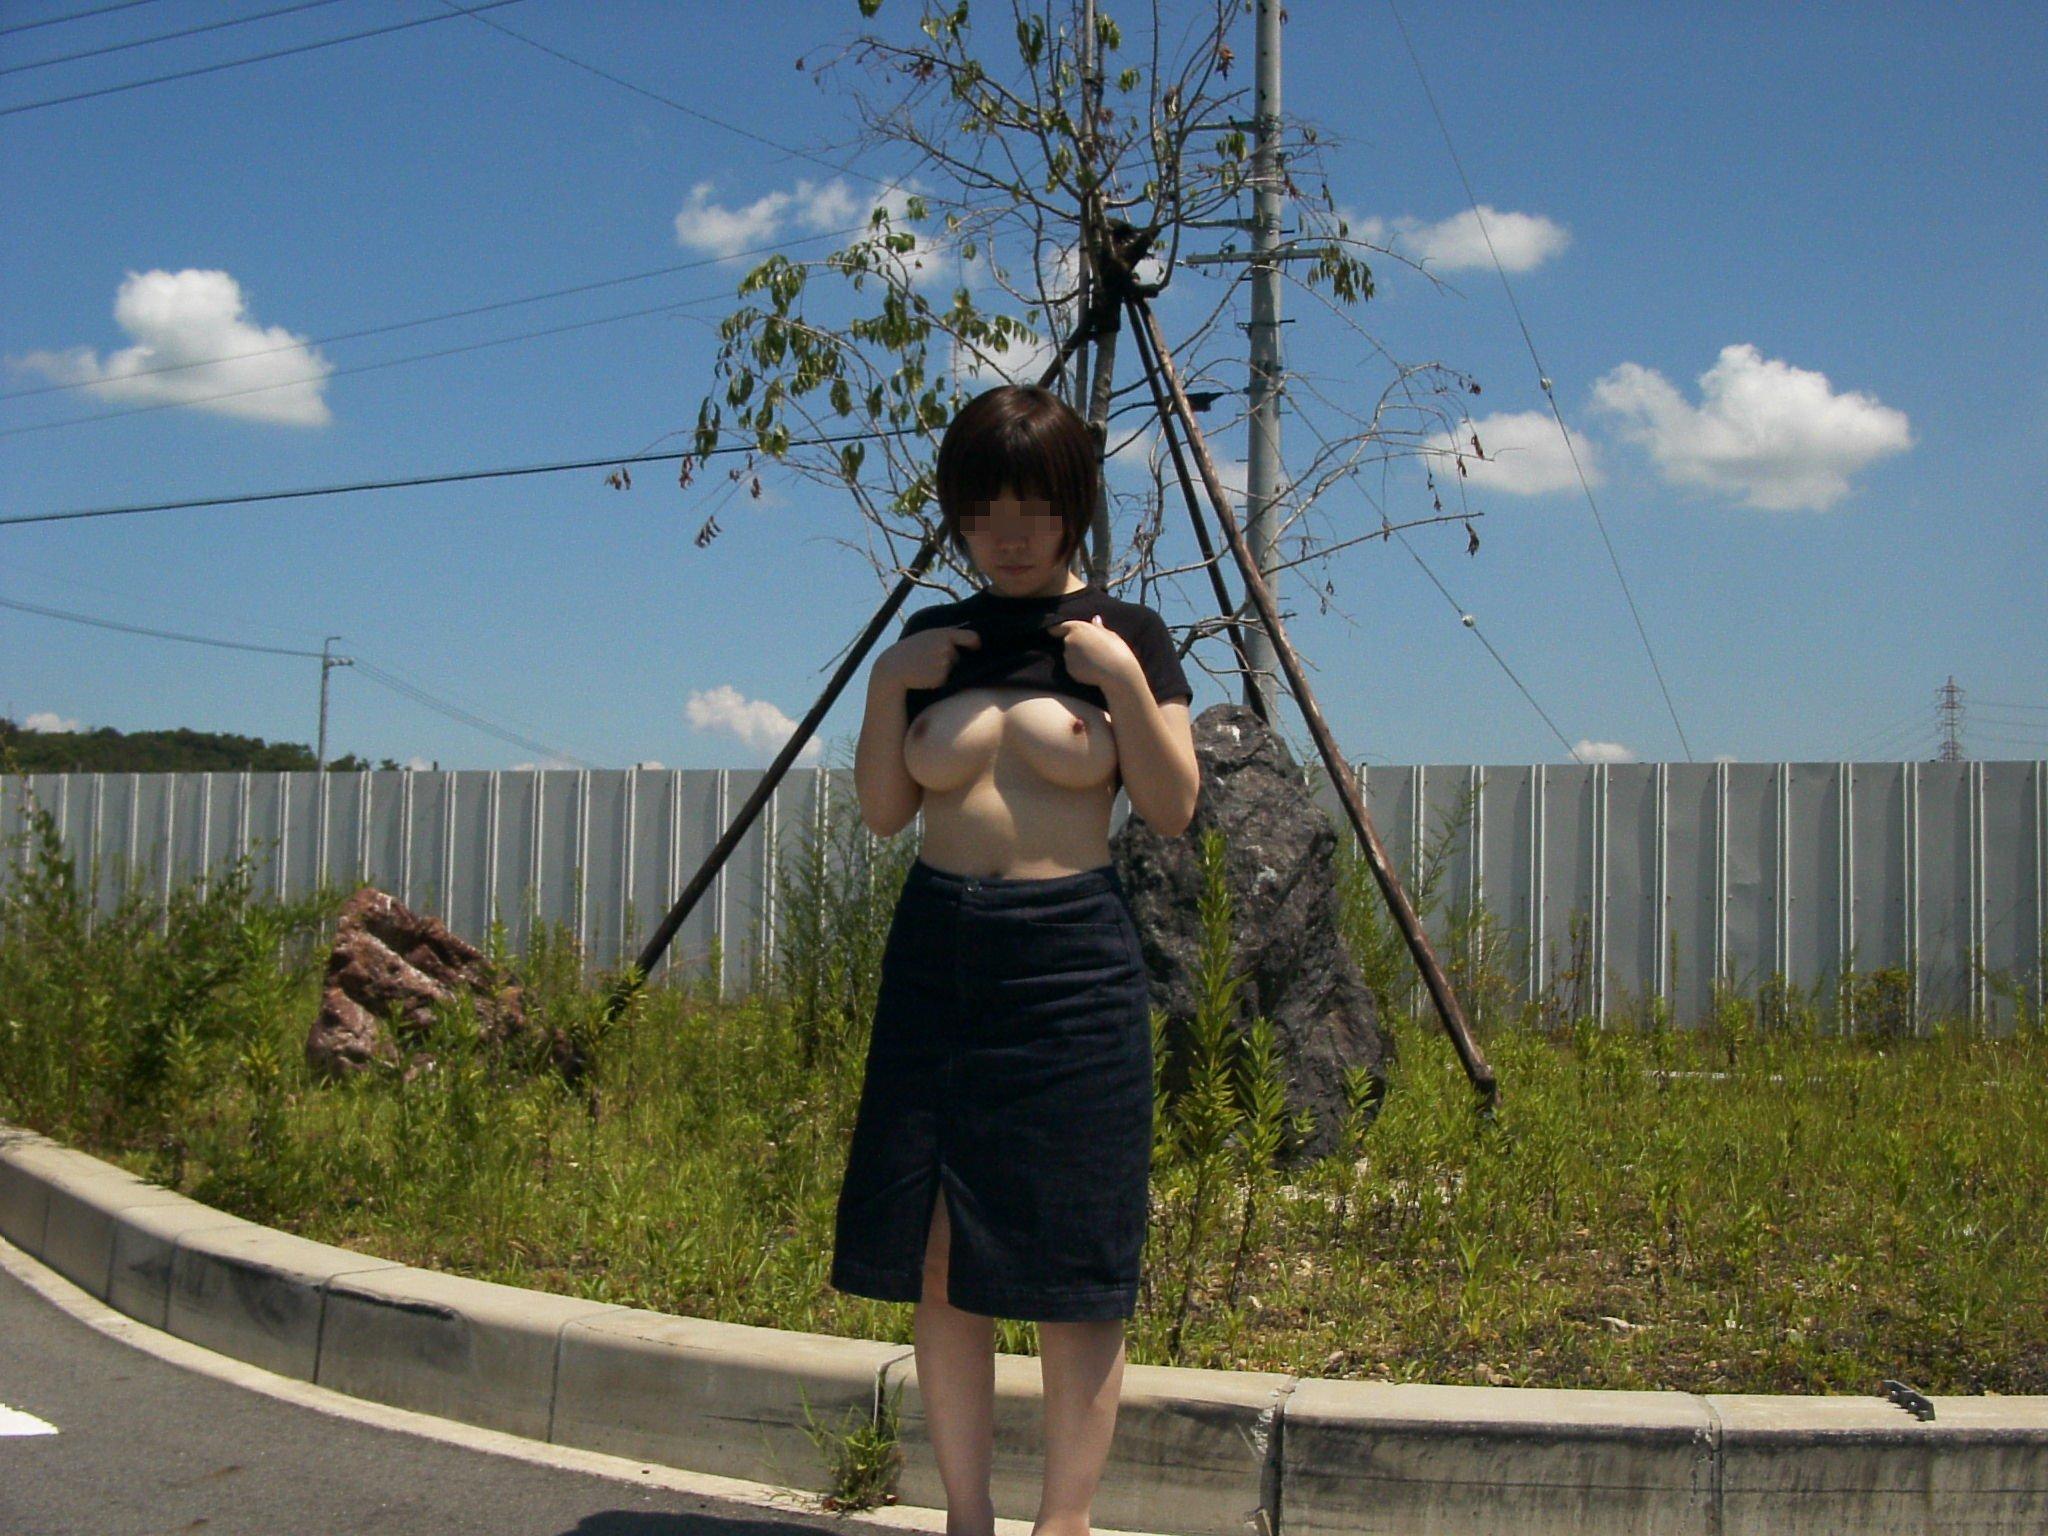 【野外露出画像】青空の下でおっぱいを露出する変態女の画像 03